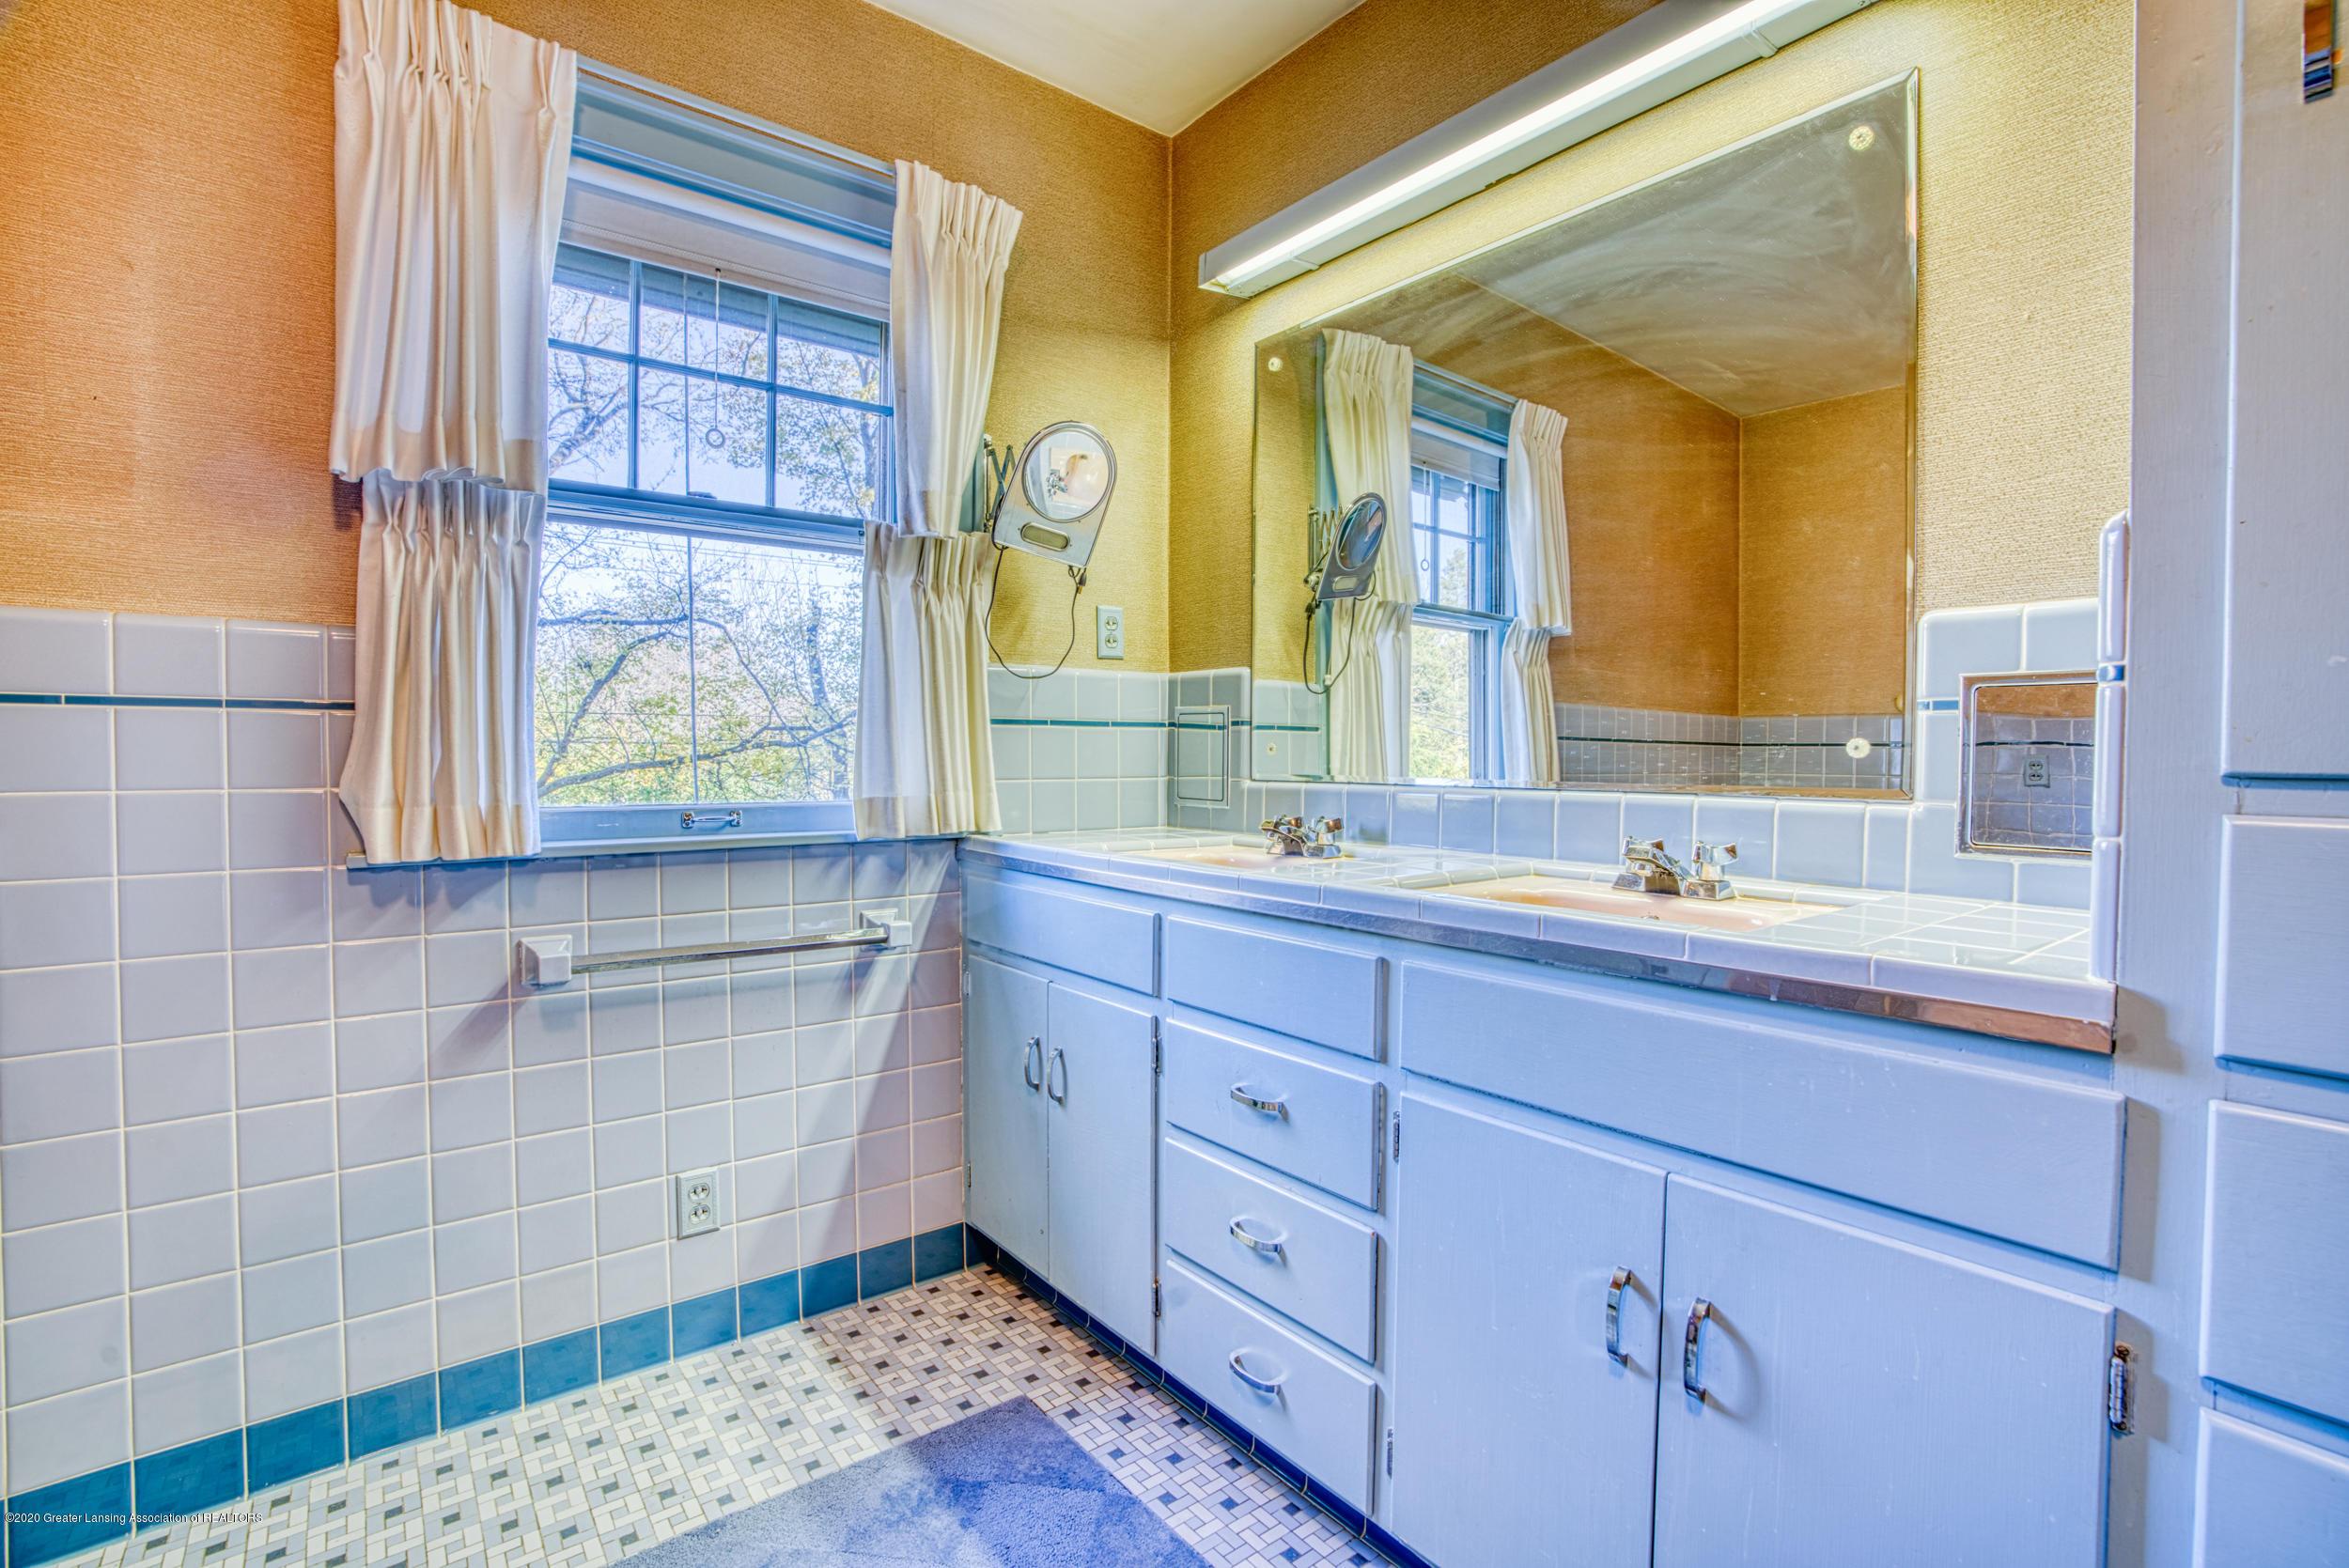 4275 Dobie Rd - FULL BATHROOM - 29